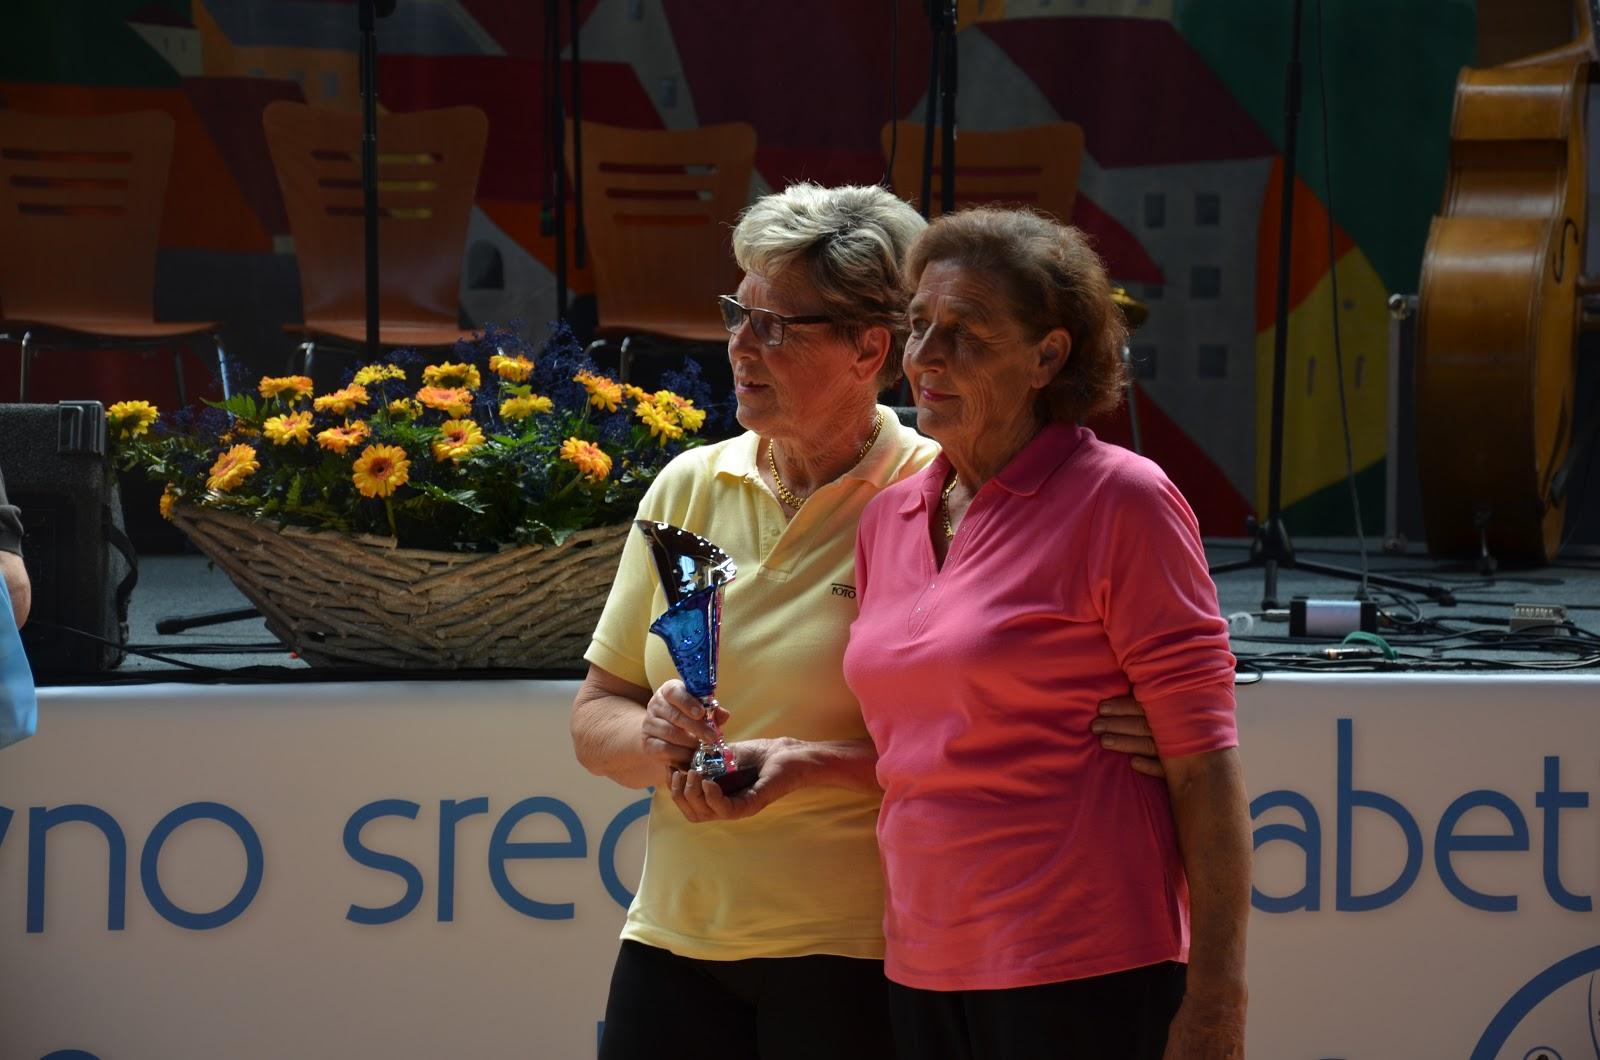 21. športno srečanje diabetikov Slovenije - DSC_1121.JPG